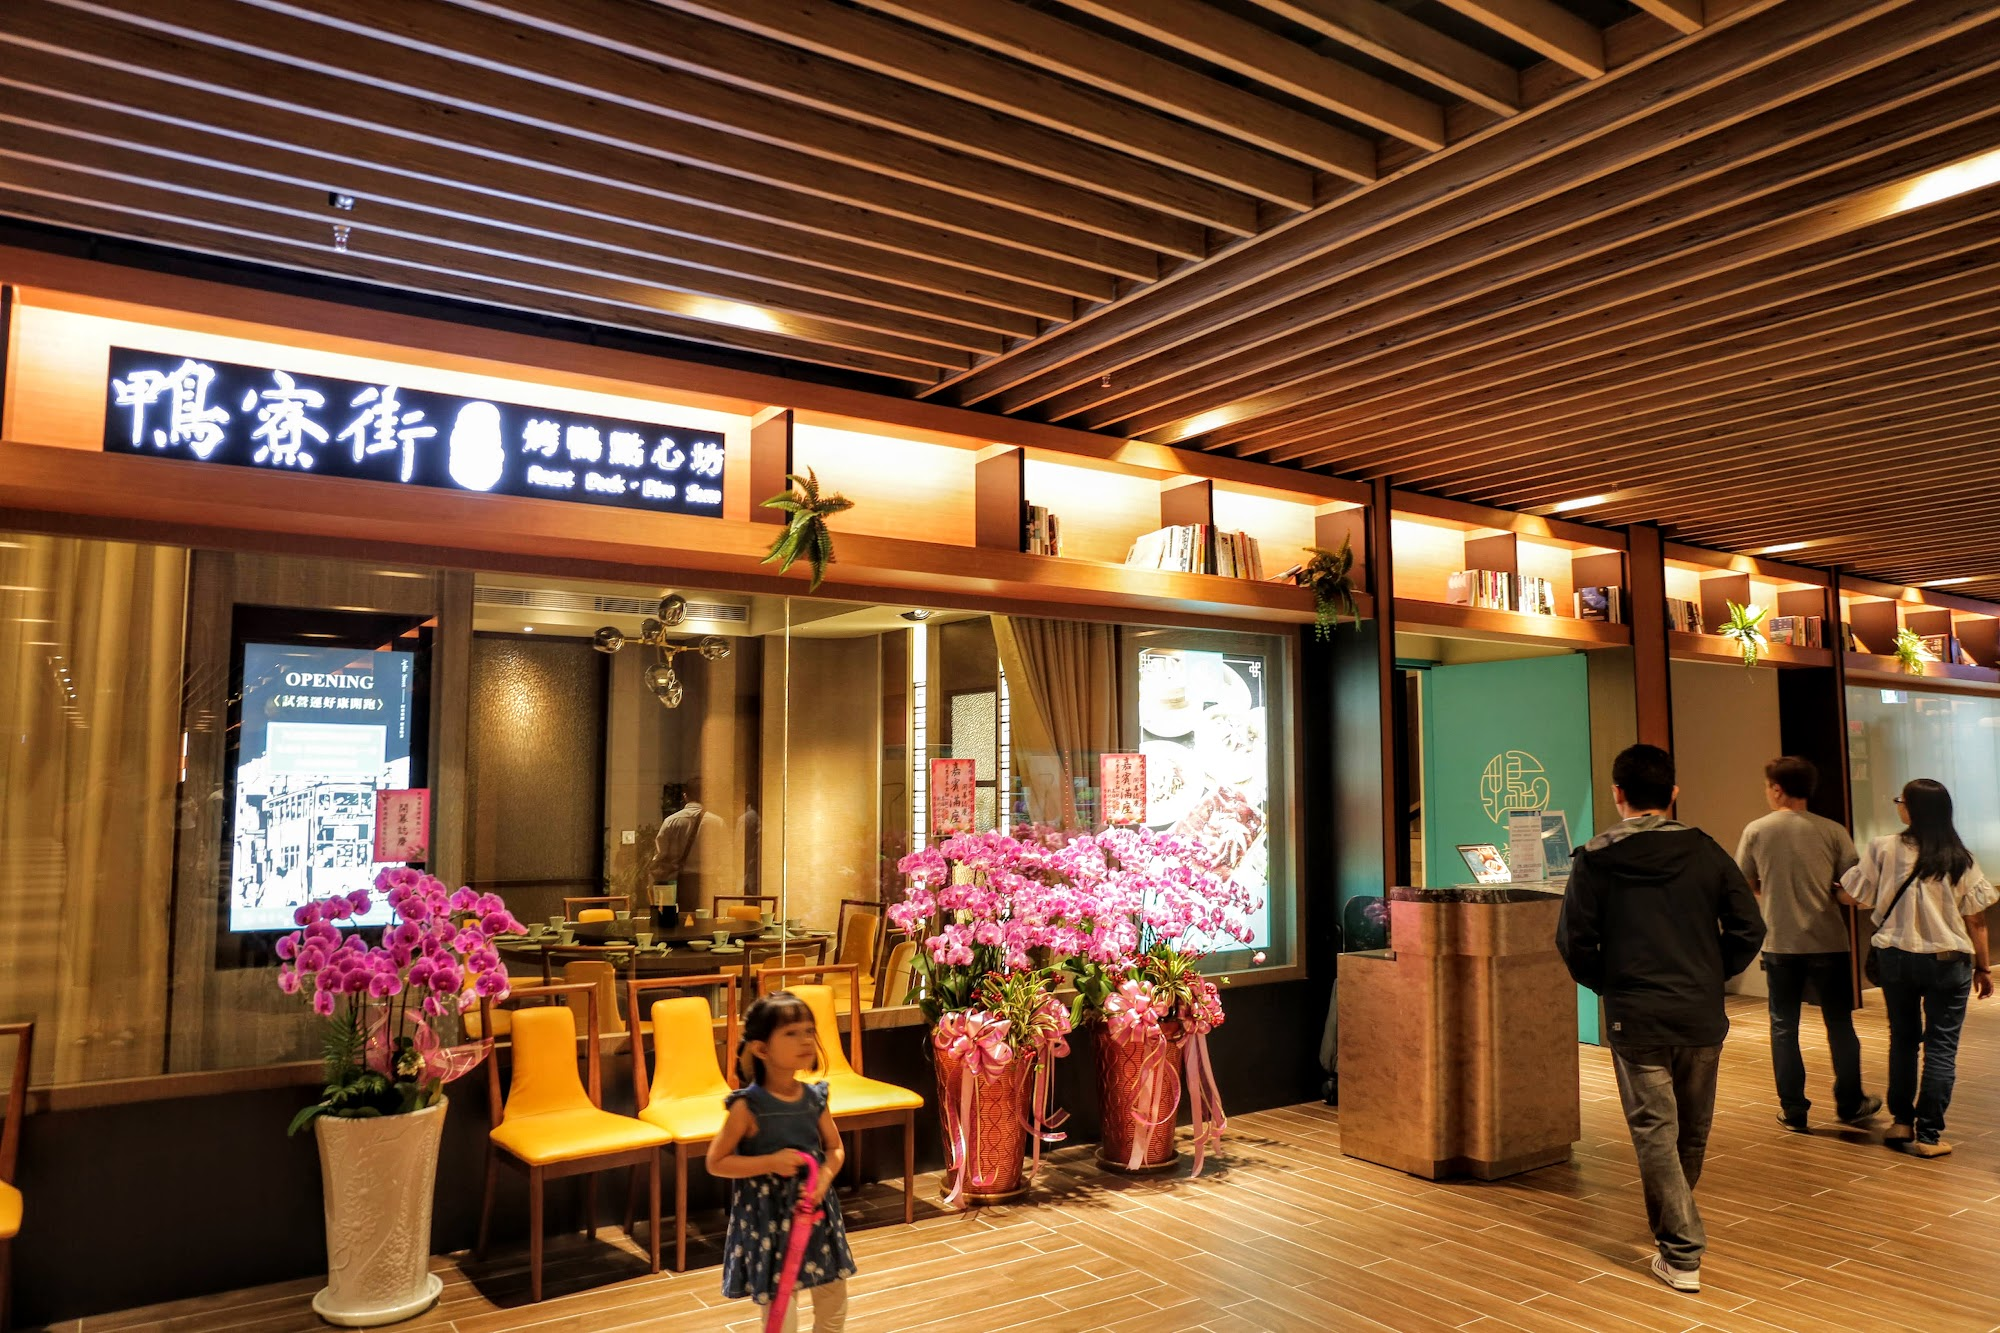 鴨寮街,是港式飲茶店,著名的就是烤鴨